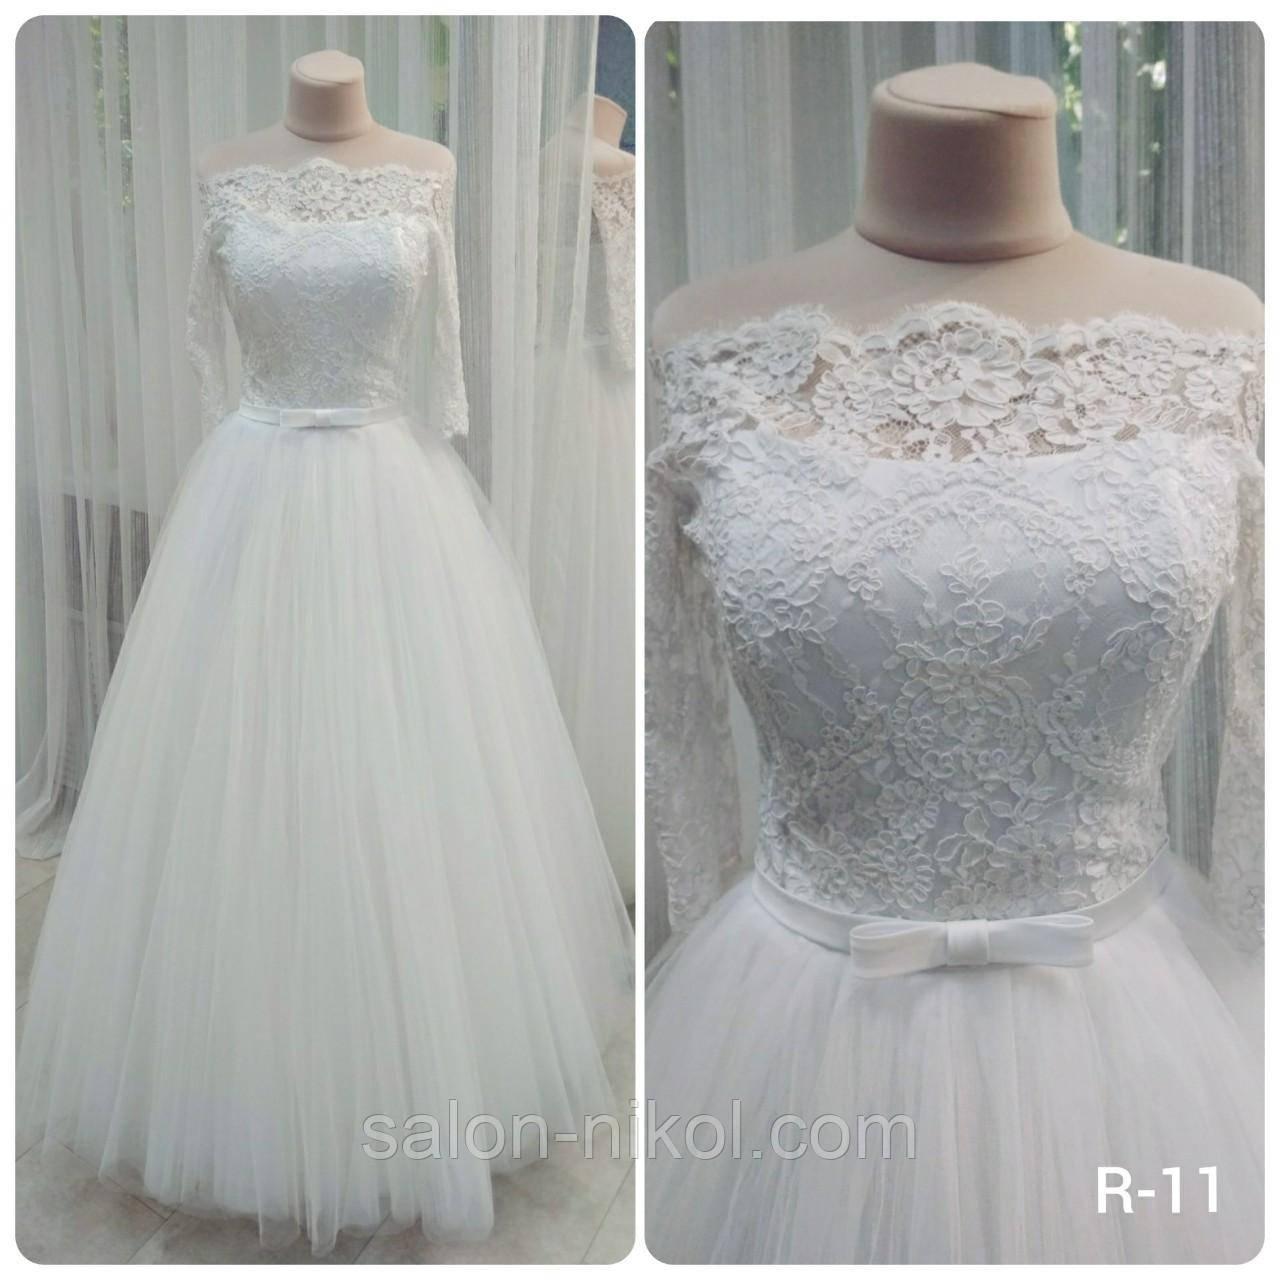 Свадебное платье R-11